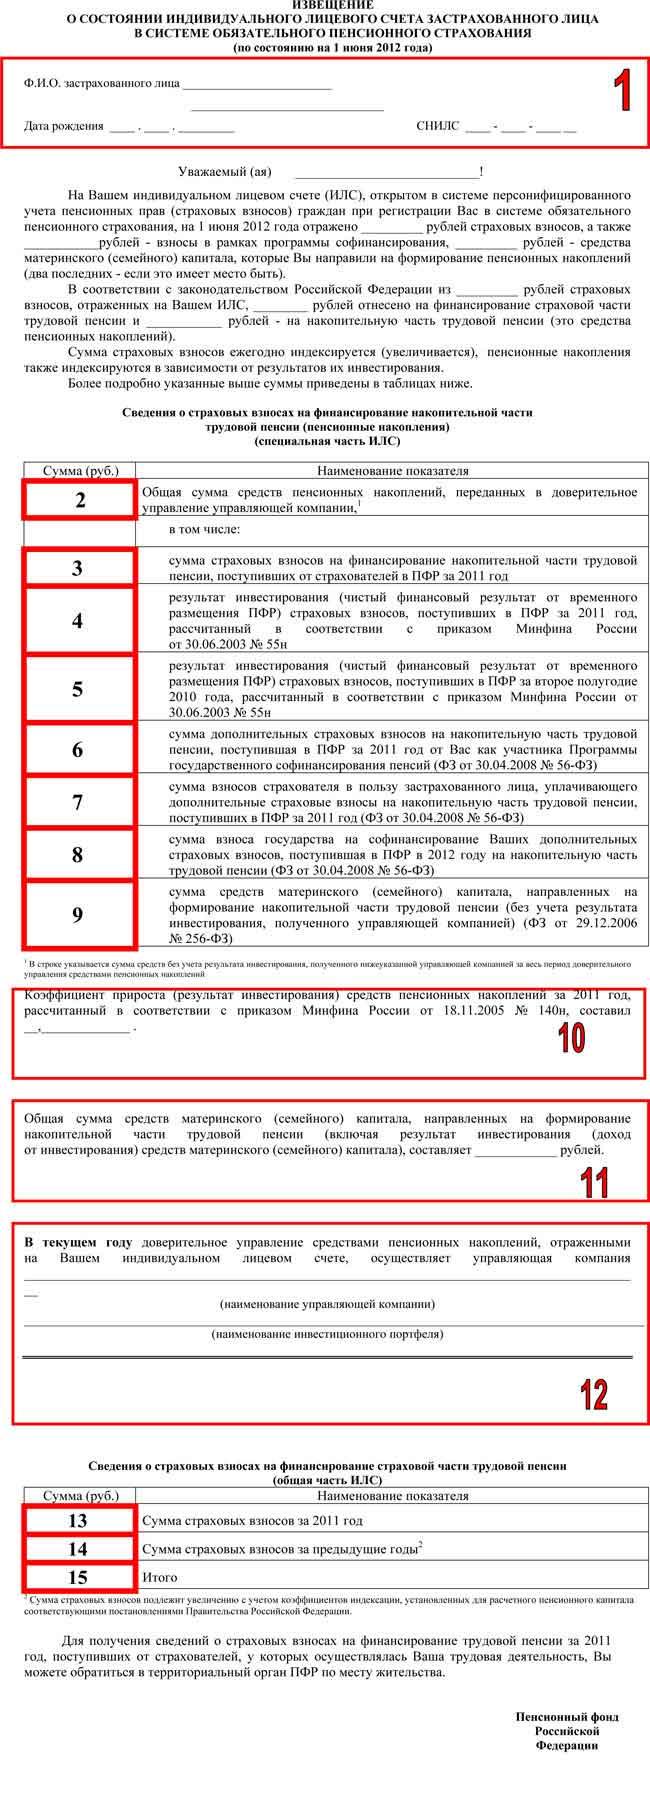 список застрахованных лиц пфр бланк